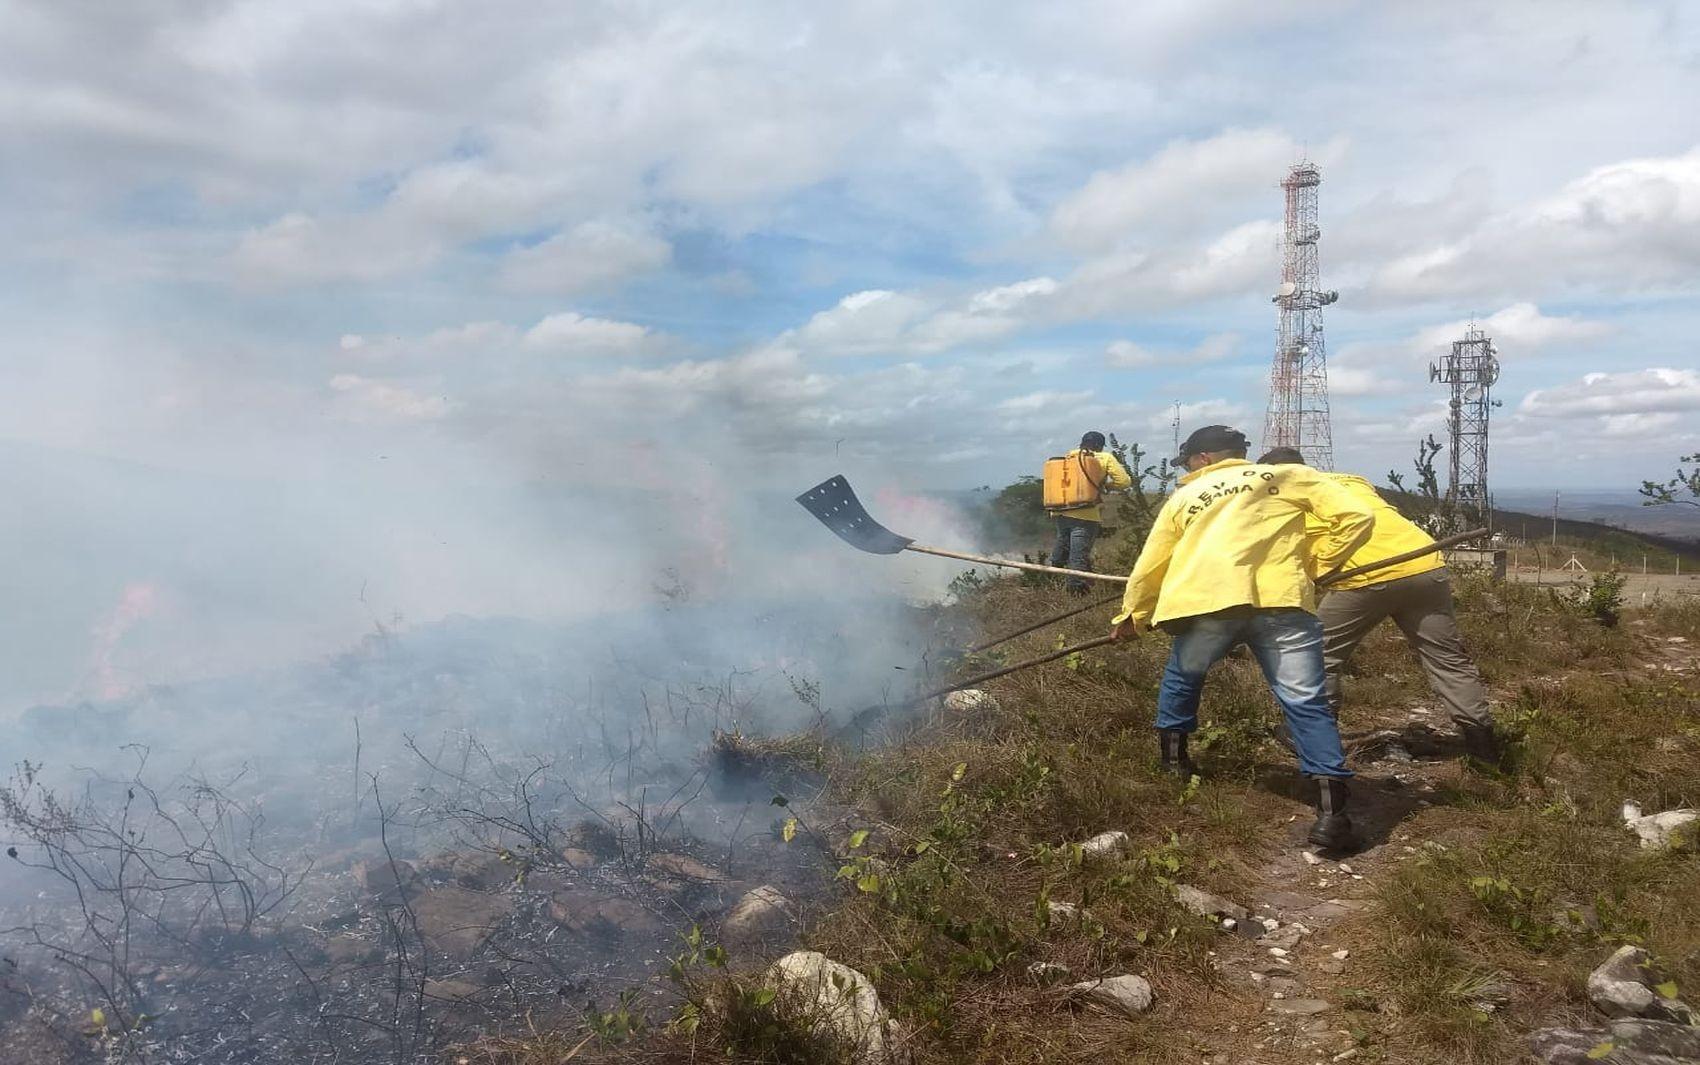 Sergipe teve pelo menos 60 focos de incêndio por mês nos últimos 7 anos - Notícias - Plantão Diário